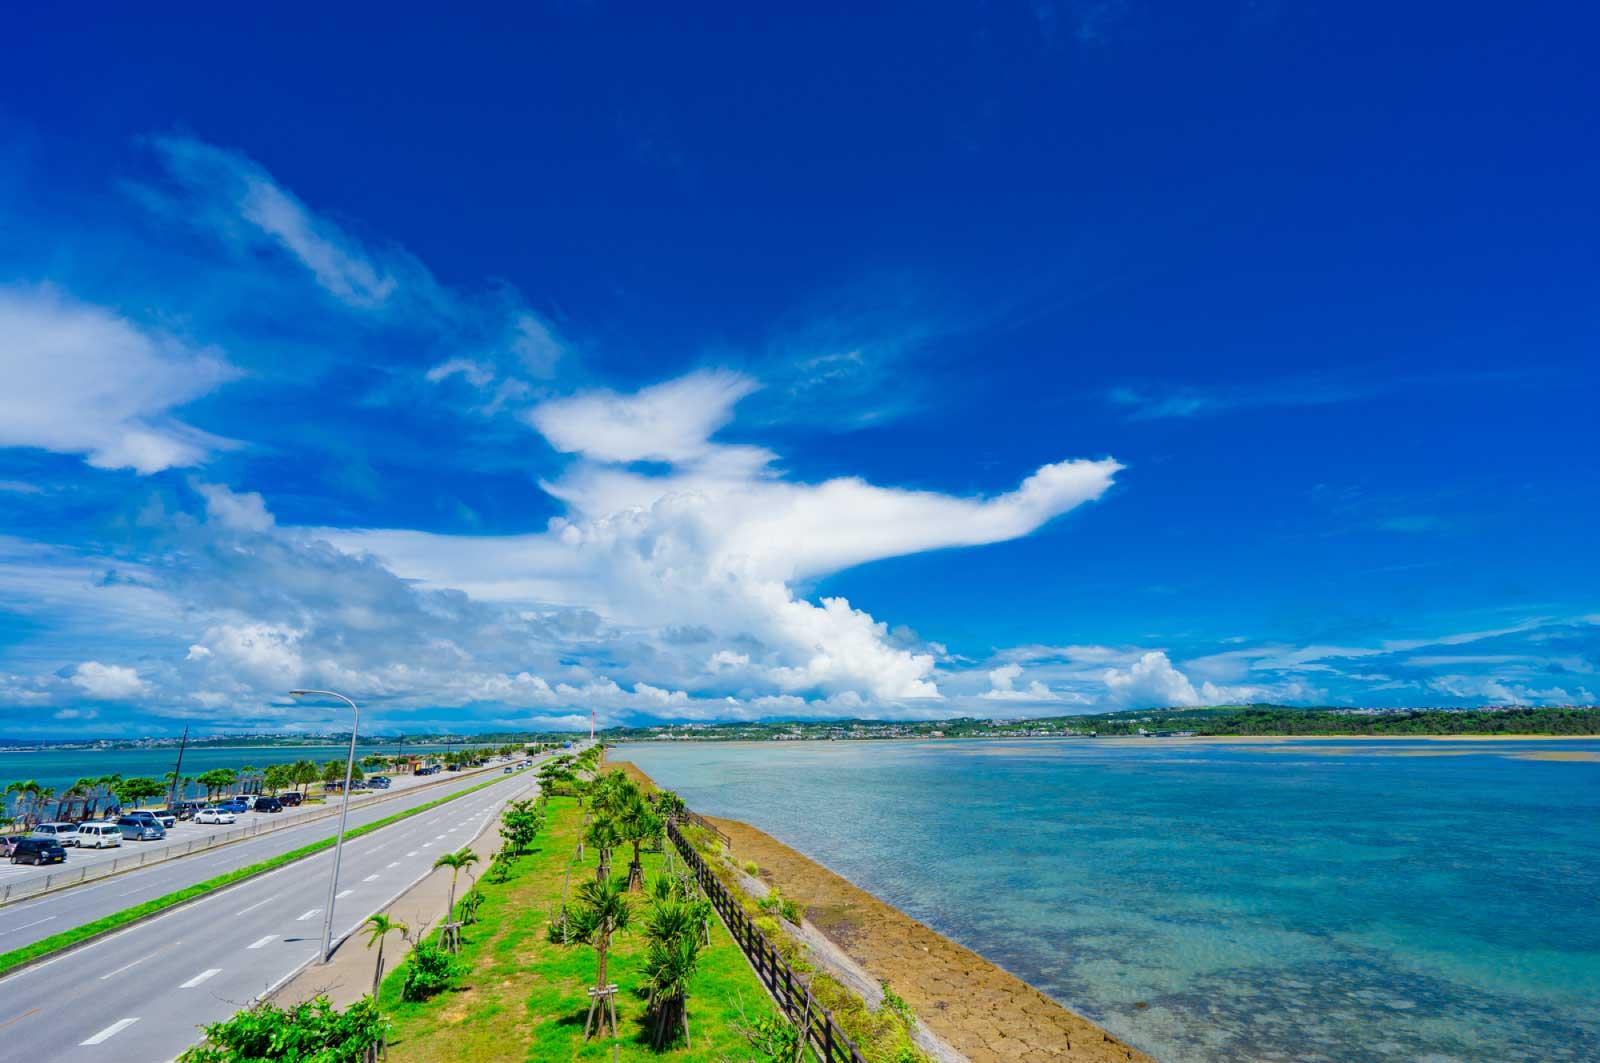 家のすぐそばに住んだ青い海があった